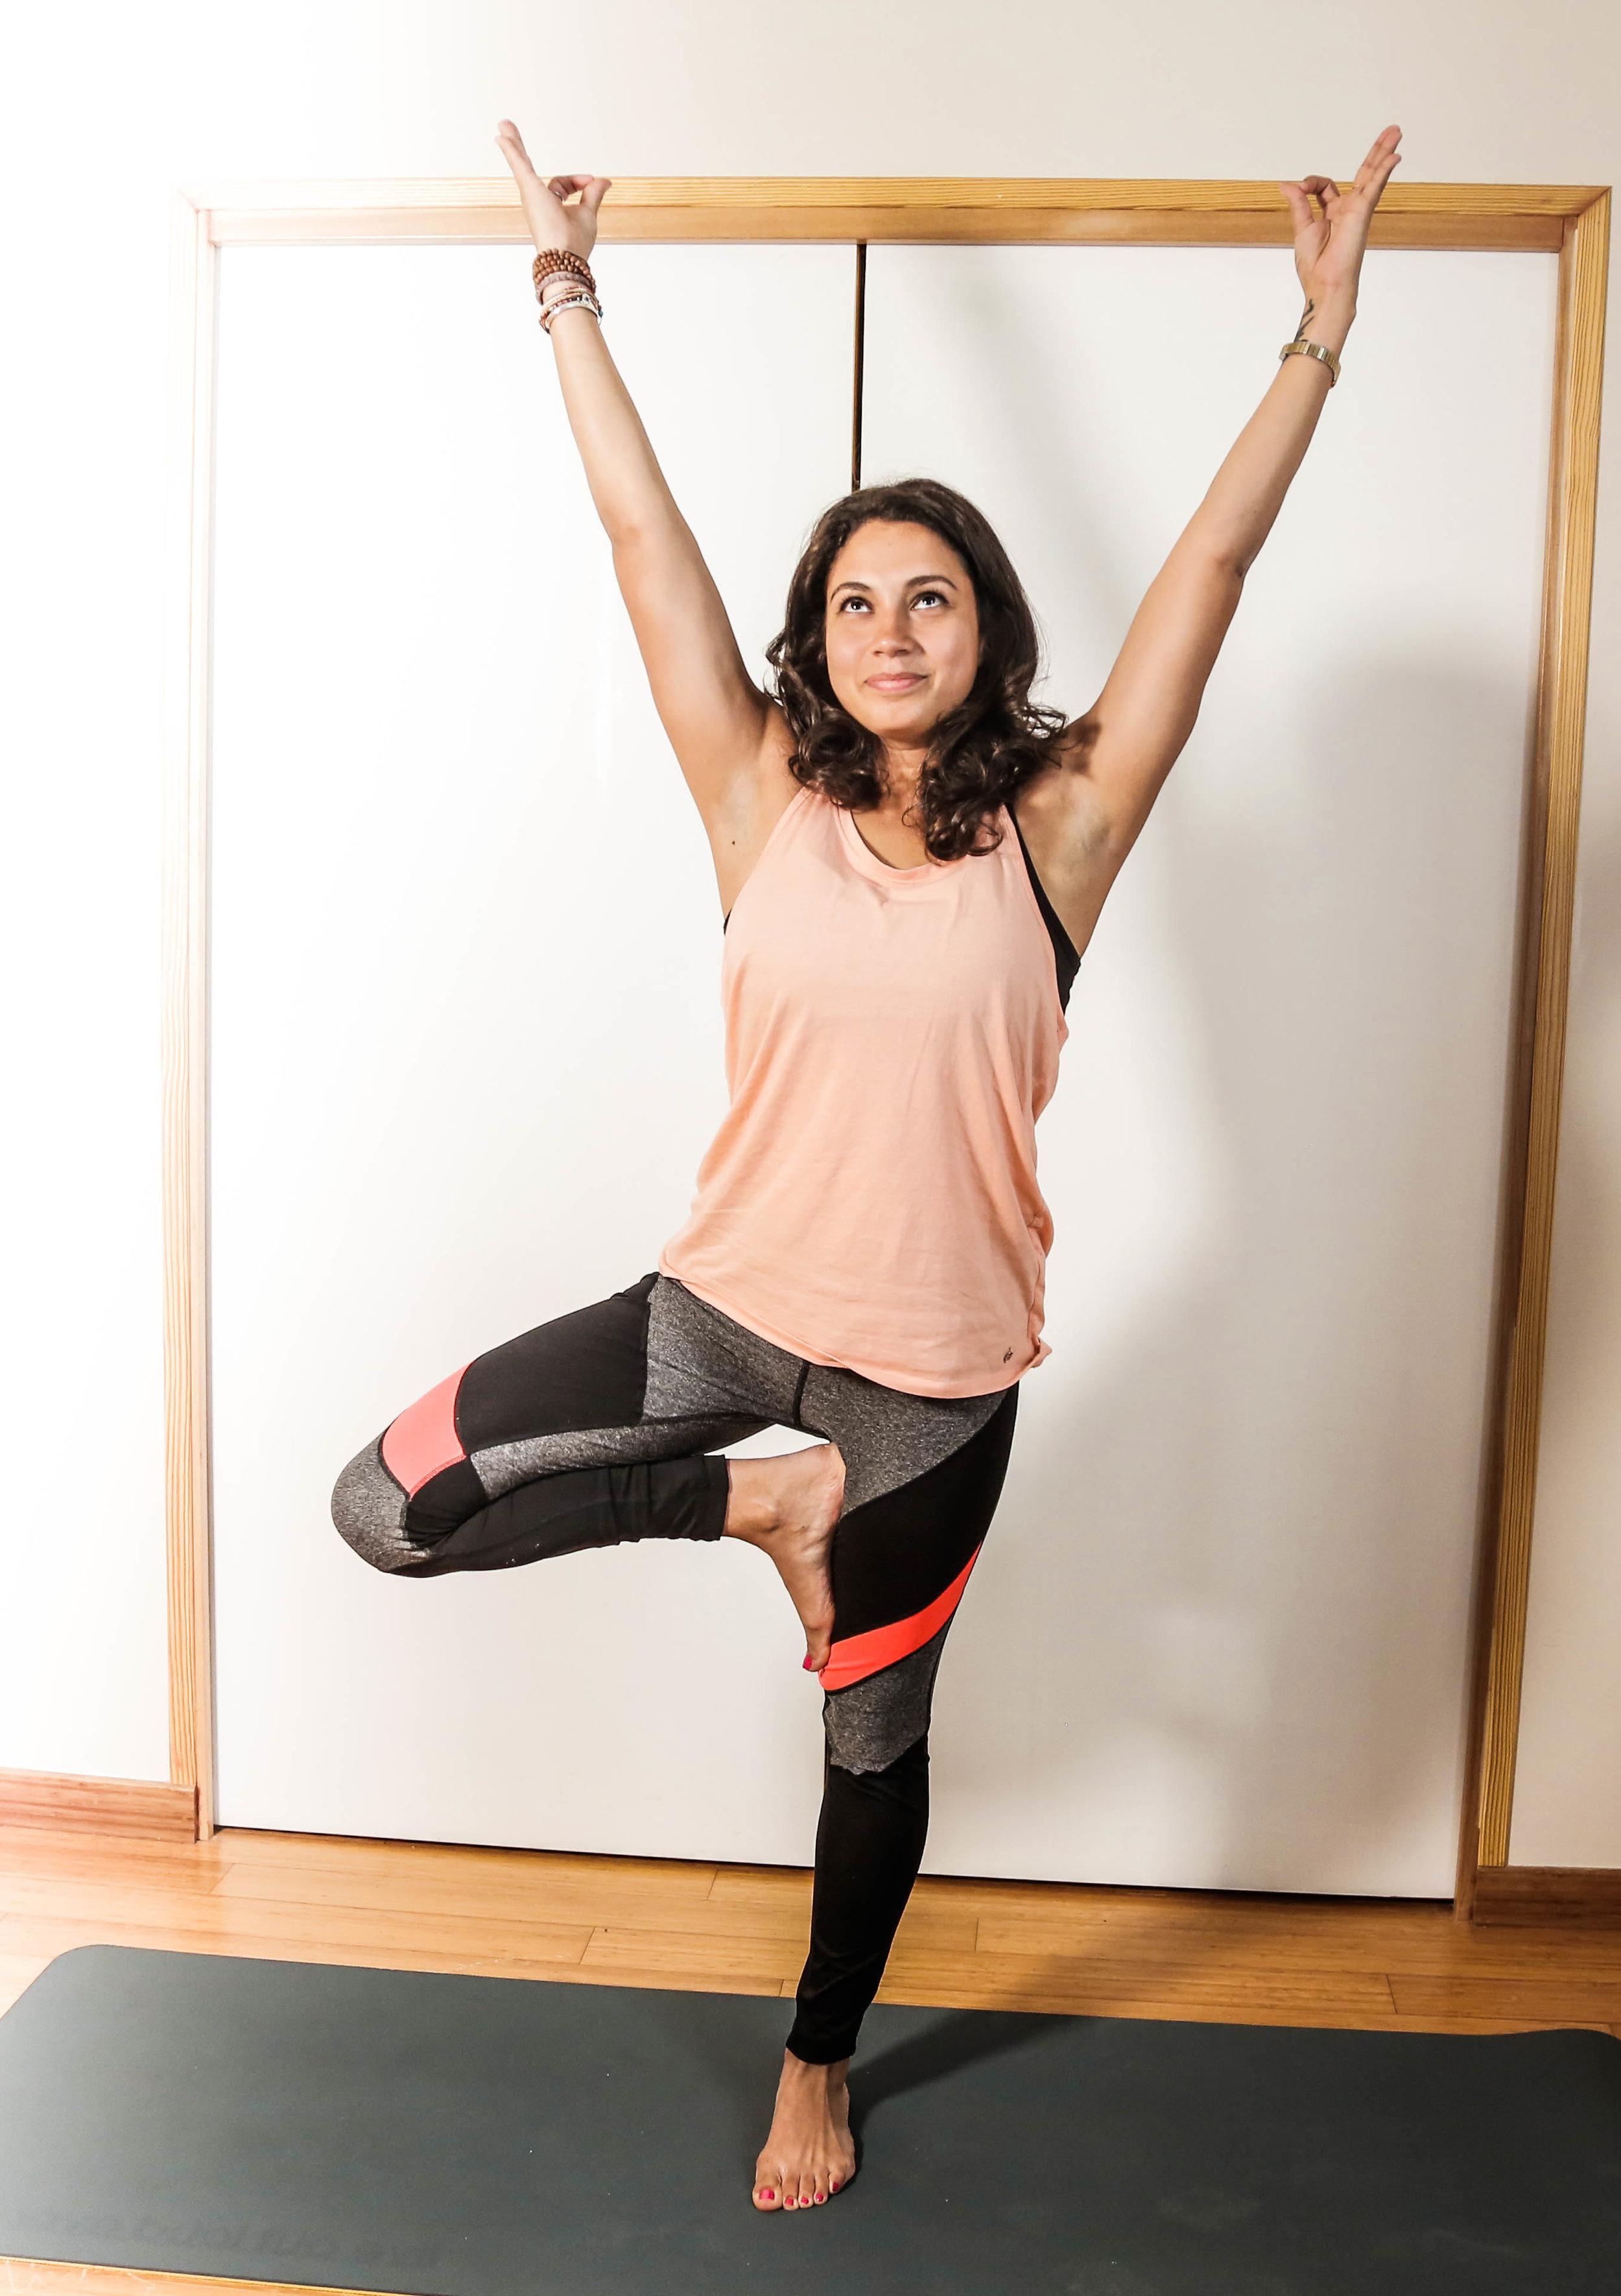 La  posture de l'arbre  : équilibre et concentration    Objectifs  :  - Favoriser la concentration - Travailler son équilibre - Renforcer la musculature des pieds et des chevilles   Pour bien réaliser la posture de l'arbre, il est important de se tenir le plus droit possible, de se redresser et de dégager le coeur en avant. Il s'agit d'ancrer ses pieds dans le sol pour y puiser de l'énergie (comme les racines d'un arbre) et de tendre les bras vers le ciel (figurant les branches de l'arbre) pour s'ouvrir à une dimension plus spirituelle.  ⚠ Astuce :  le pied peut se placer sur la cheville, contre le haut de la cuisse ou en demi-lotus mais jamais contre son genou !